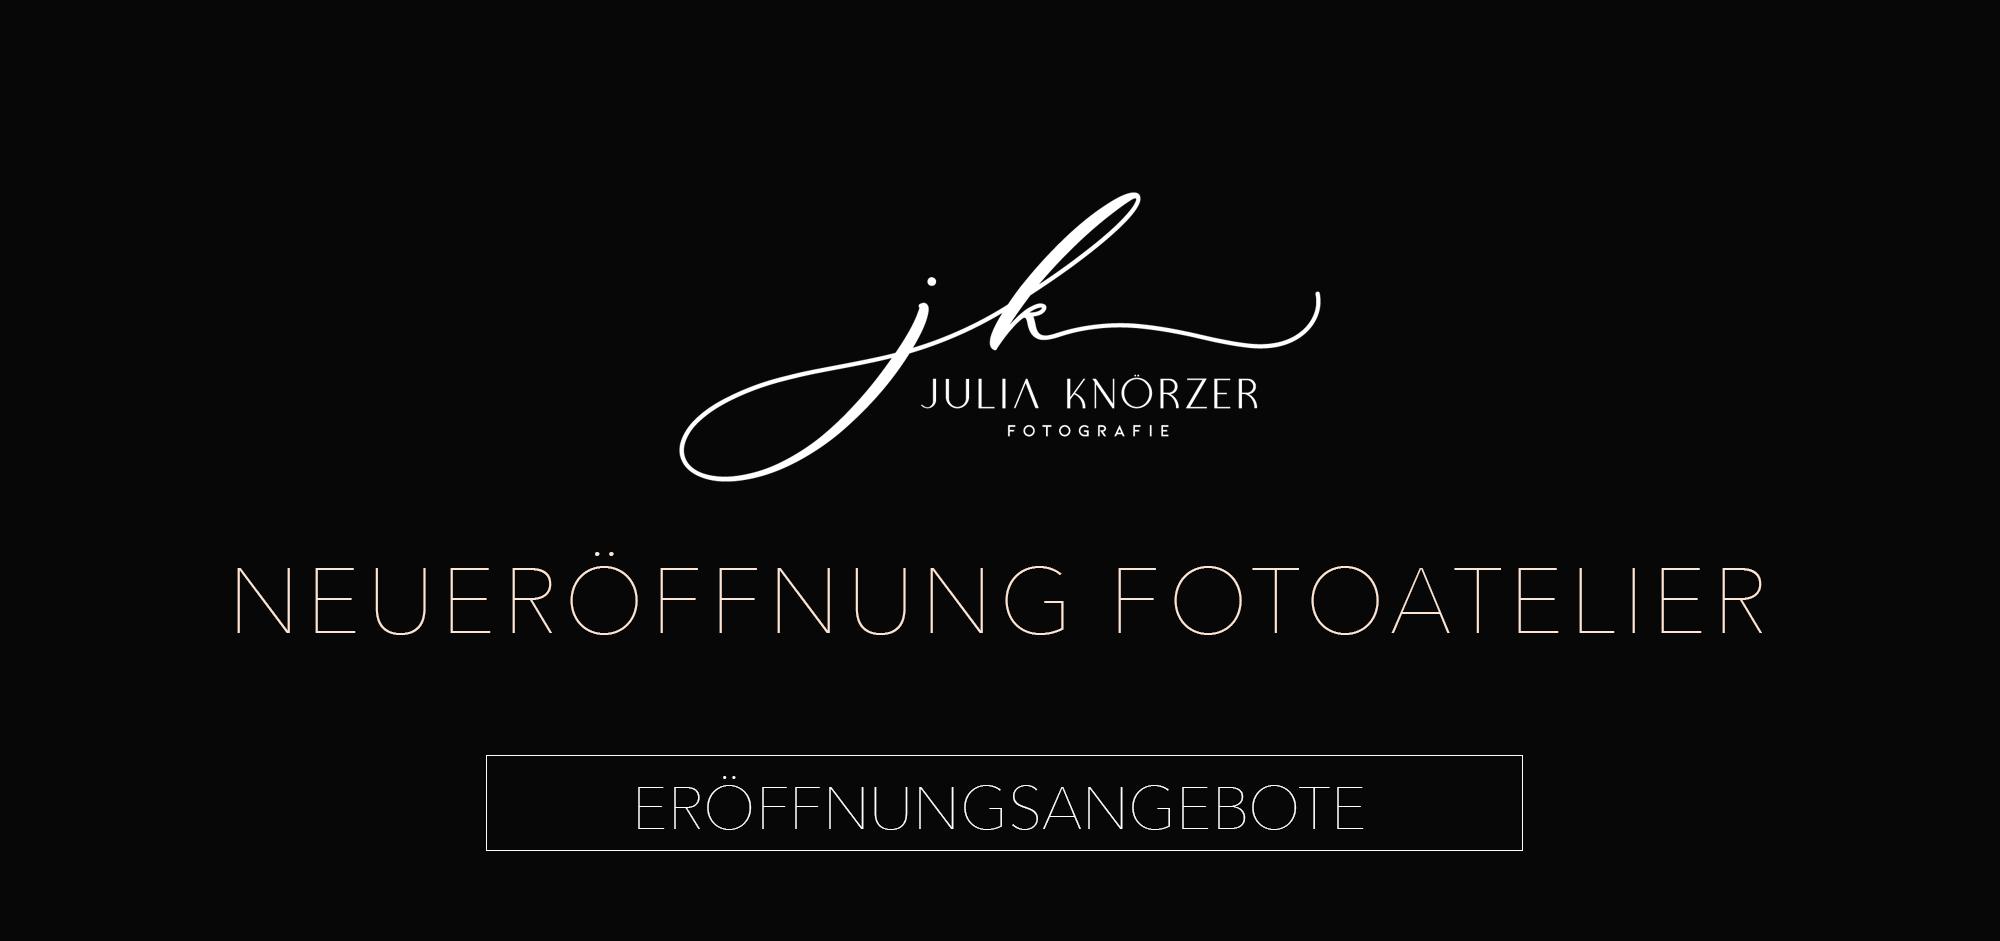 eröffnung fotostudio weyberhöfe aschaffenburg